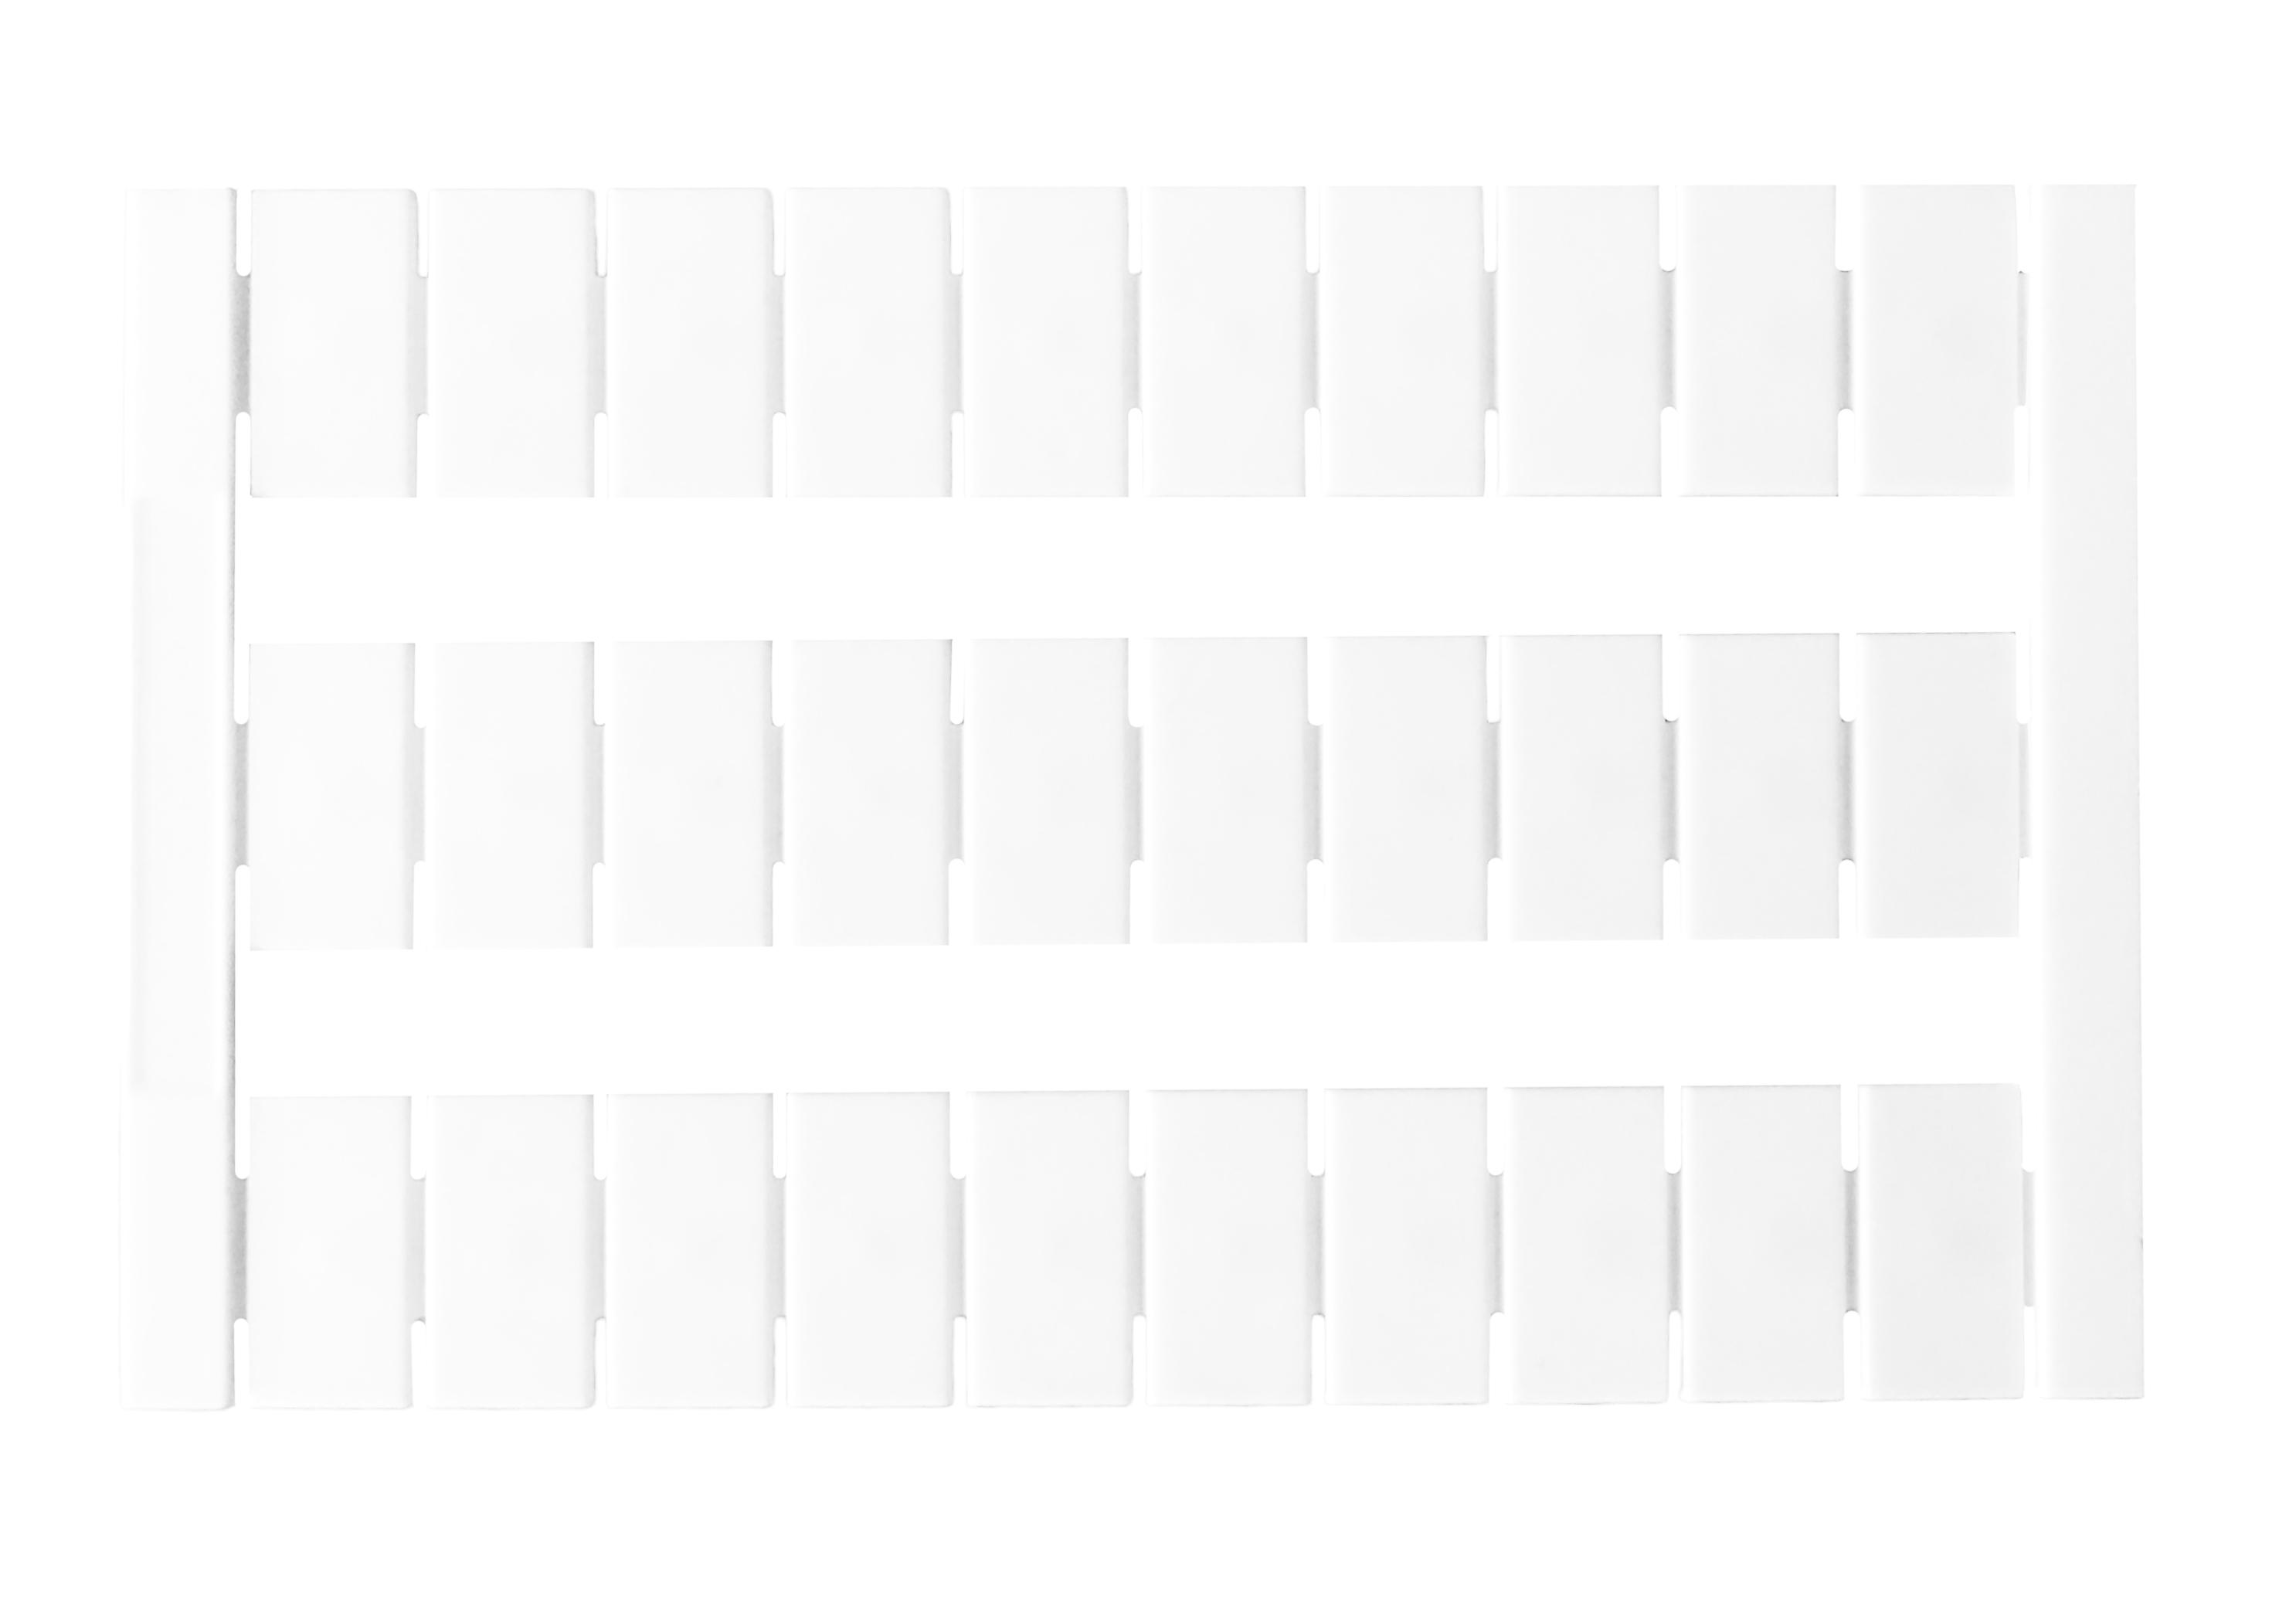 1 Stk Markierungsetikette Dekafix DY10/6,5-blank (10 Zeichen) IK697920--